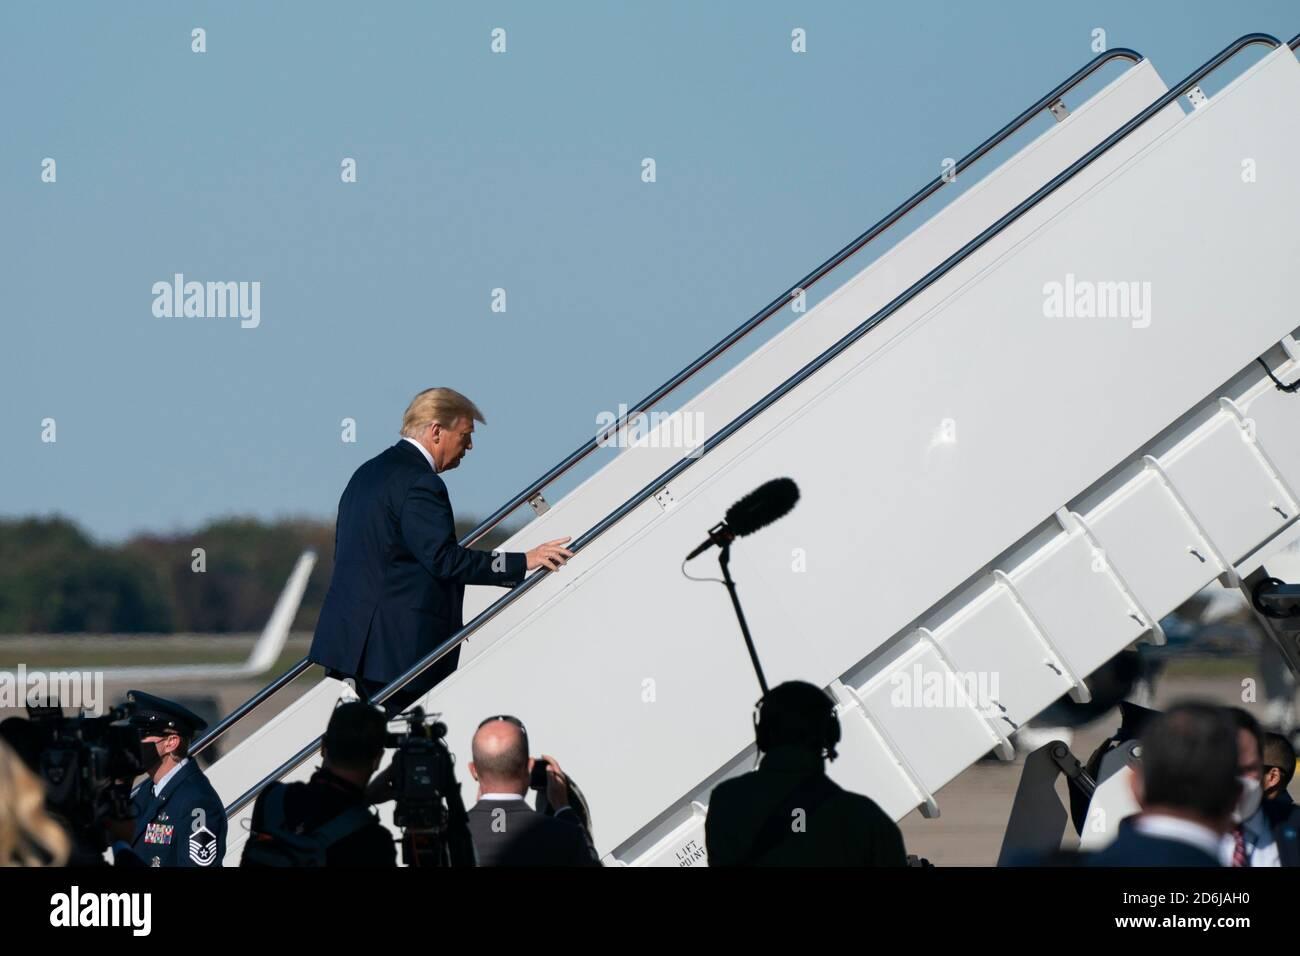 Maryland, EE.UU. 17 de octubre de 2020. El presidente estadounidense Donald J. Trump enjunta la Fuerza Aérea uno en la base conjunta Andrews en Maryland, EE.UU., el sábado, 17 de octubre de 2020. Se espera que Trump haga múltiples paradas de campaña en la costa oeste durante los próximos días, descansando durante la noche en las Vegas, Nevada. Crédito: Alex Edelman/Pool via CNP | uso en todo el mundo crédito: dpa/Alamy Live News Foto de stock